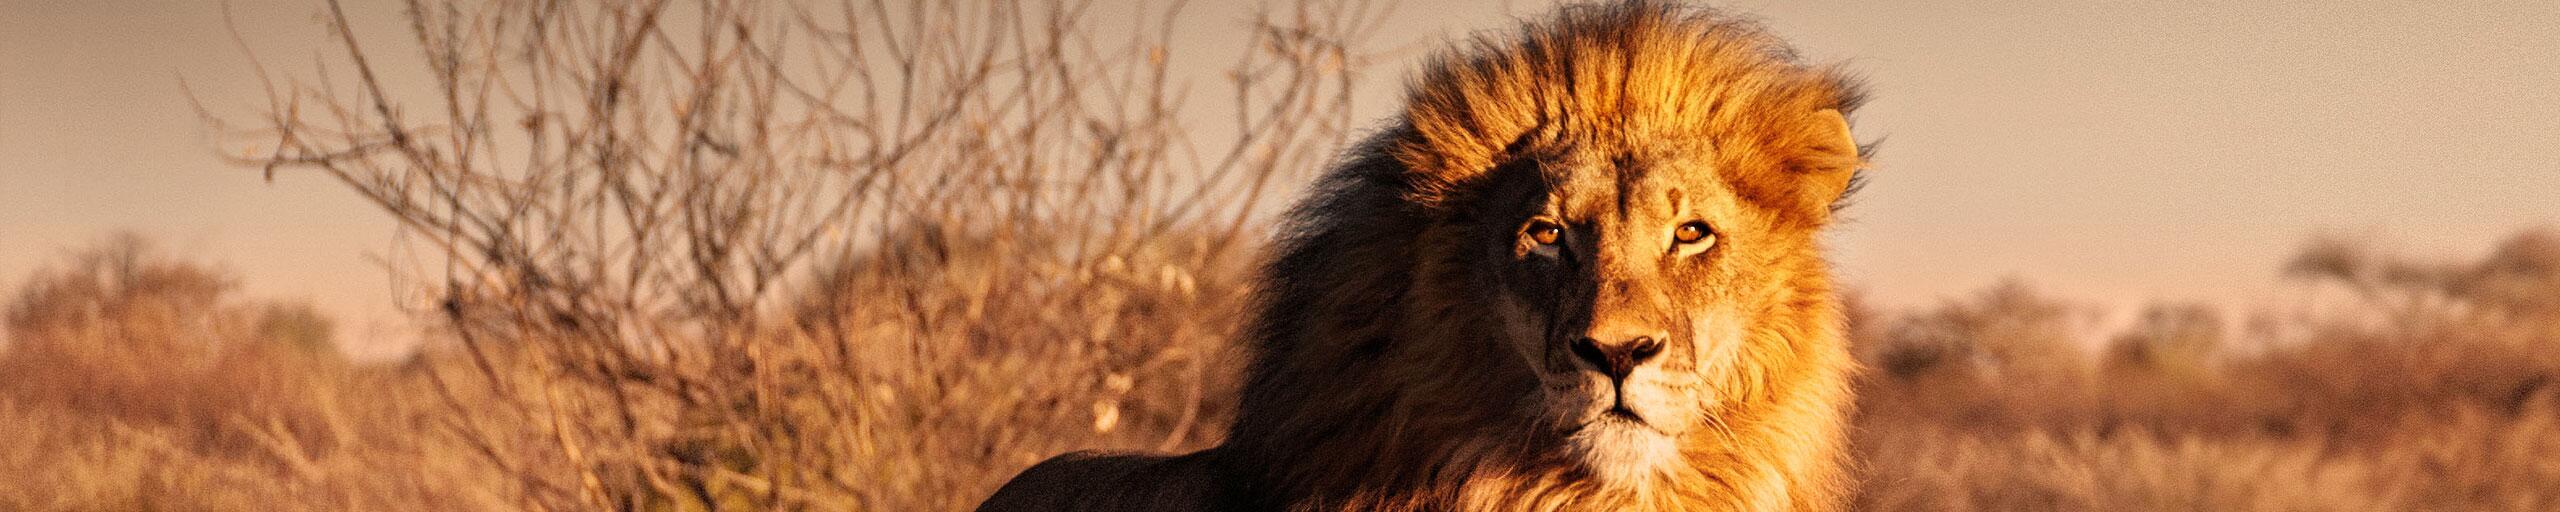 Bild zu Höhle des Löwen